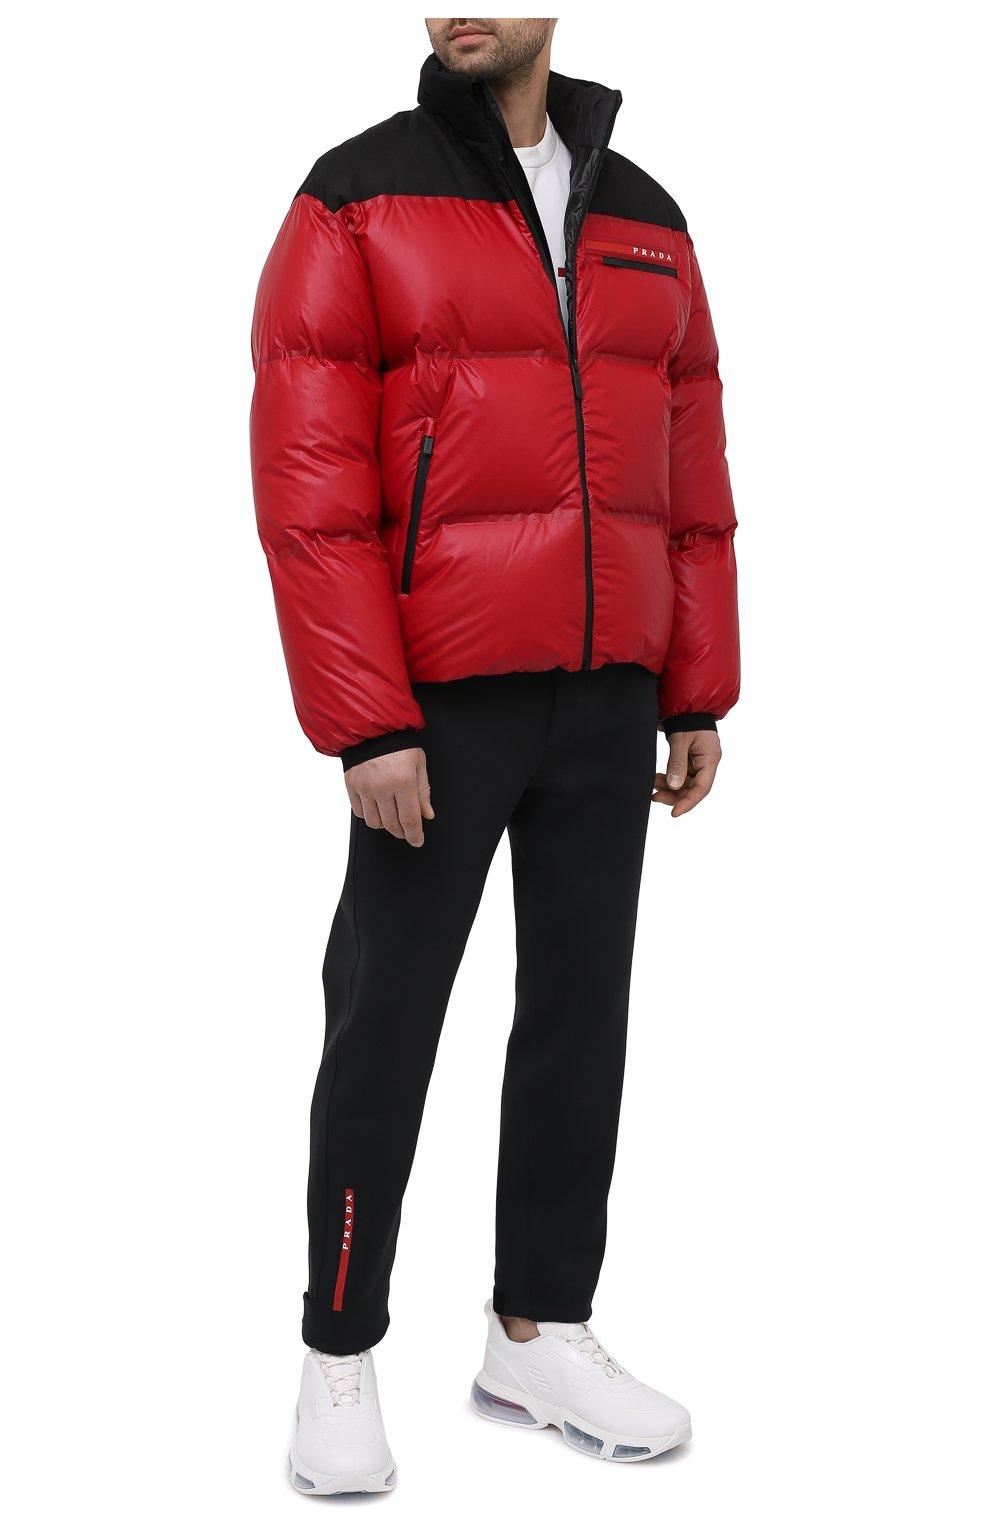 Мужская пуховая куртка PRADA красного цвета, арт. SGX257-1T2Y-F0927-202 | Фото 2 (Кросс-КТ: Куртка; Мужское Кросс-КТ: пуховик-короткий; Рукава: Длинные; Материал внешний: Синтетический материал; Длина (верхняя одежда): Короткие; Стили: Минимализм)